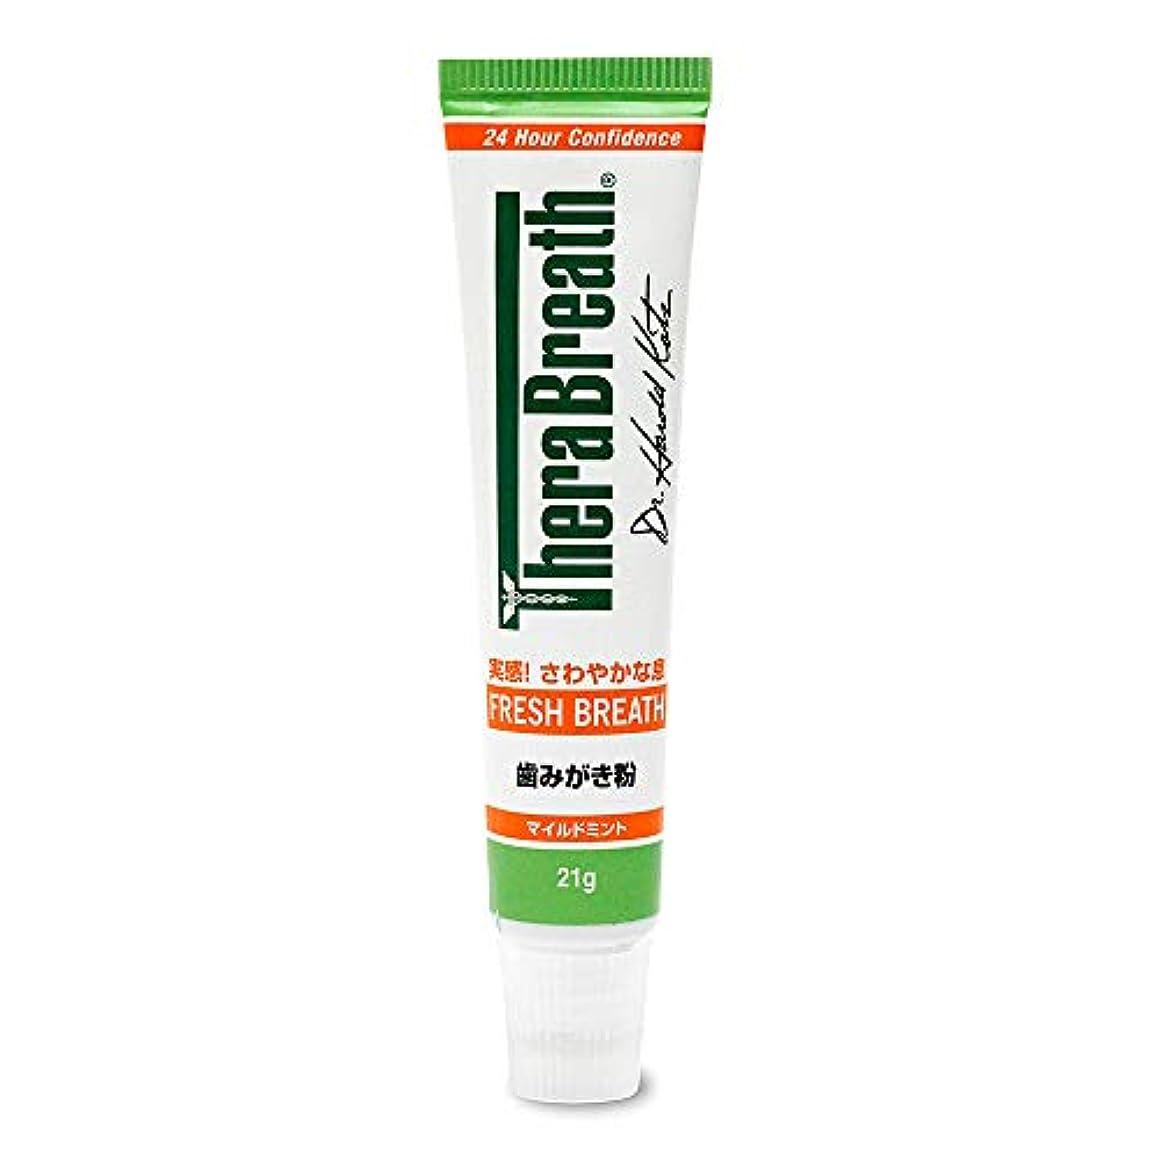 モード増幅器逃げるTheraBreath (セラブレス) セラブレス トゥースジェル ミニサイズ 21g (正規輸入品) 舌磨き